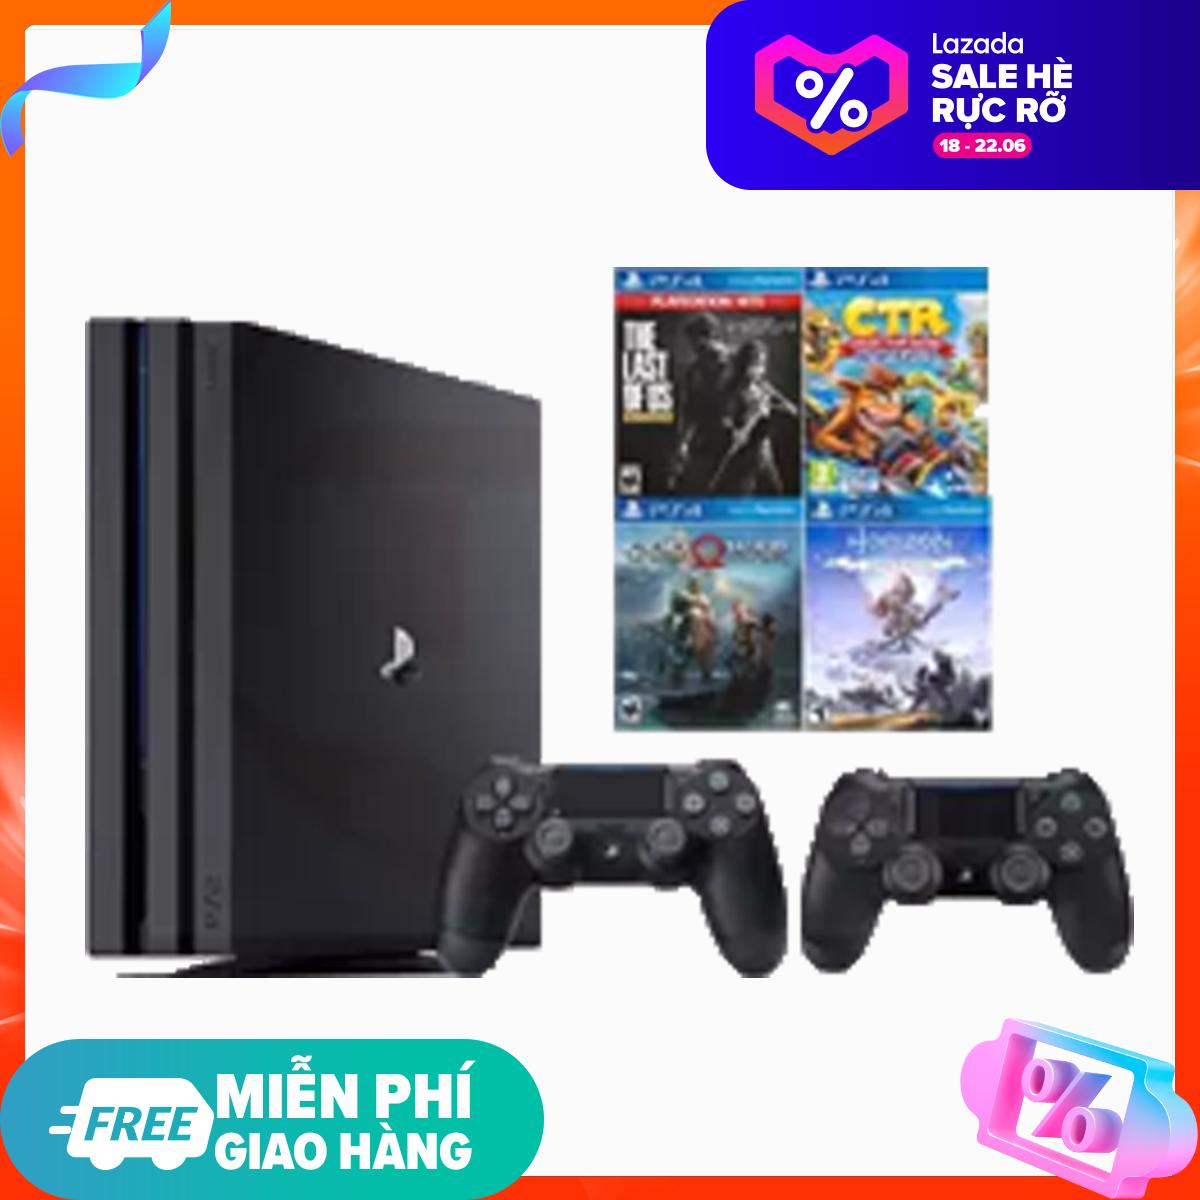 PS4 Pro 7218B 1TB Sony [Bảo Hành 2 Năm] + 2 Tay Cầm + Combo 4 Games - Hàng Phân Phối Chính Thức [DUY NHẤT 3 NGÀY] Đang Có Giảm Giá